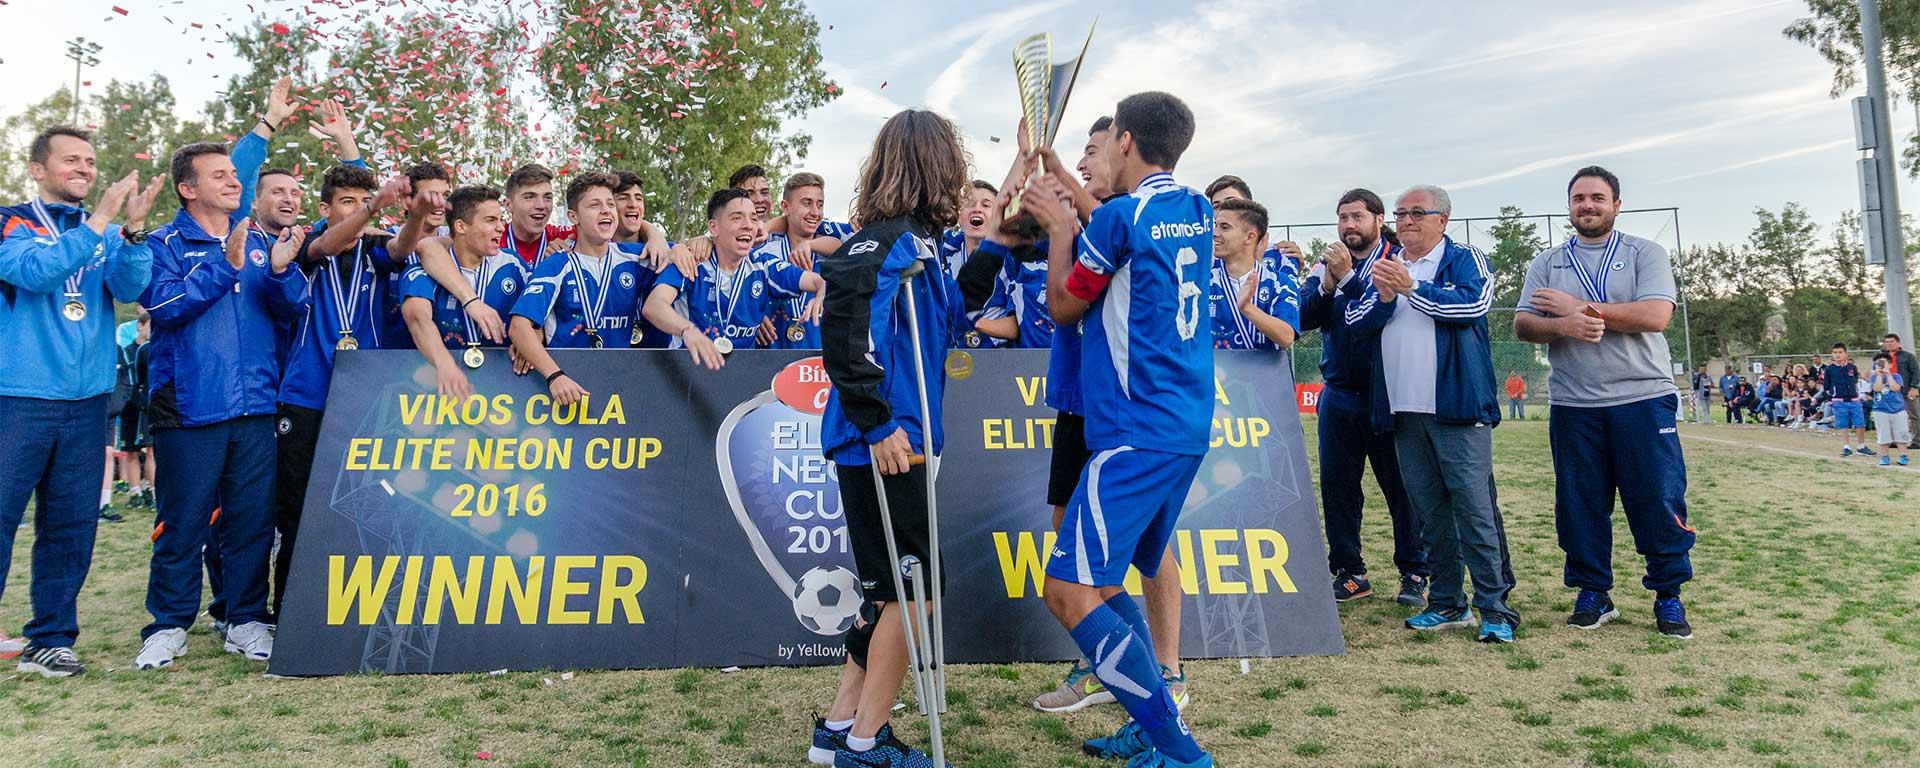 Vikos Cola Elite Neon Cup 2016